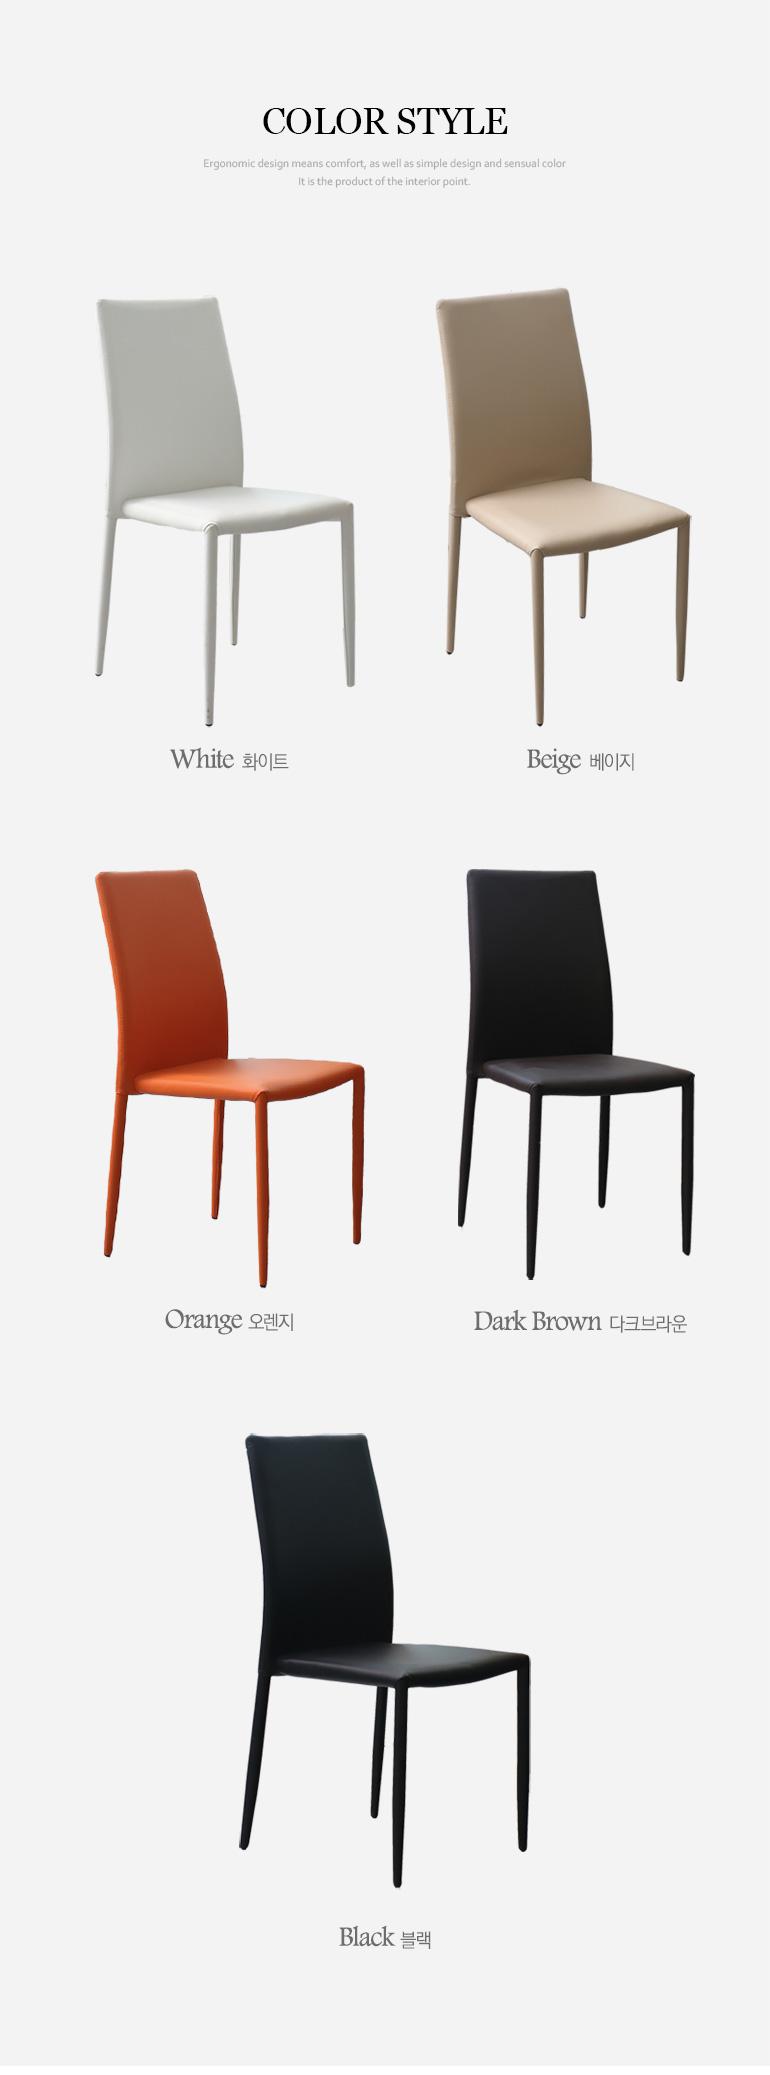 마리메종 도노 가죽 의자/체어 2개 - 마리메종, 128,000원, 디자인 의자, 인테리어의자